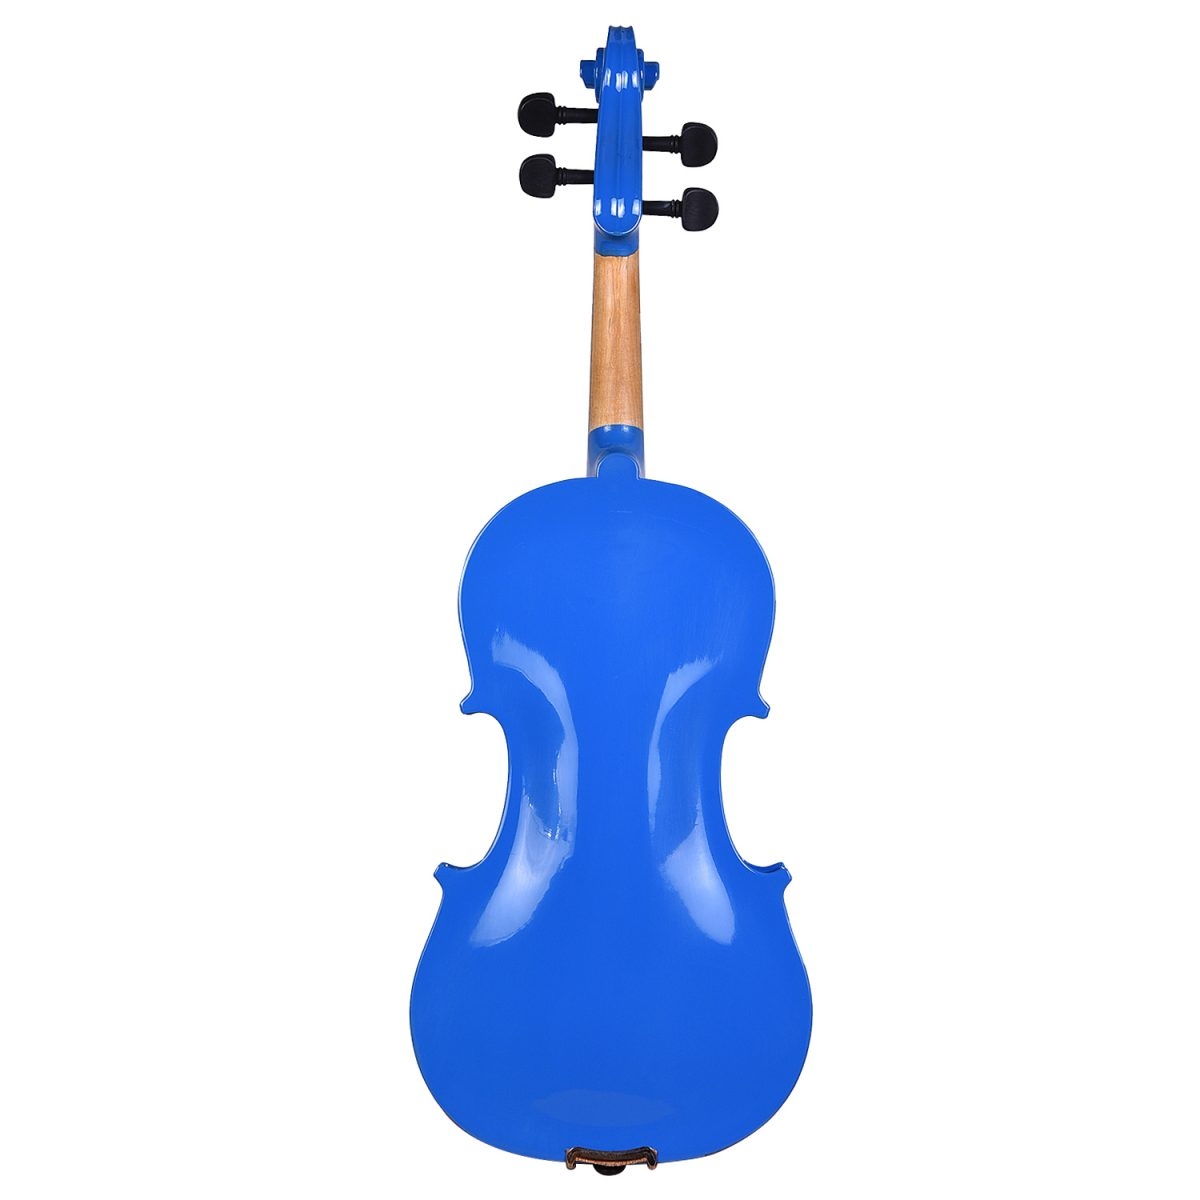 Kadence, Vivaldi 4/4 Violin With Bow, Rosin, Hard Case V-001BL BLUE